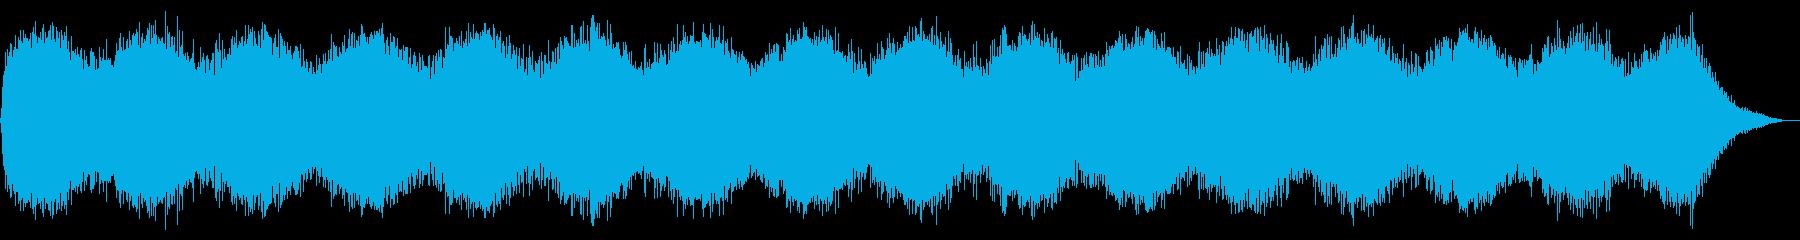 不気味な持続音。不吉な予感。の再生済みの波形